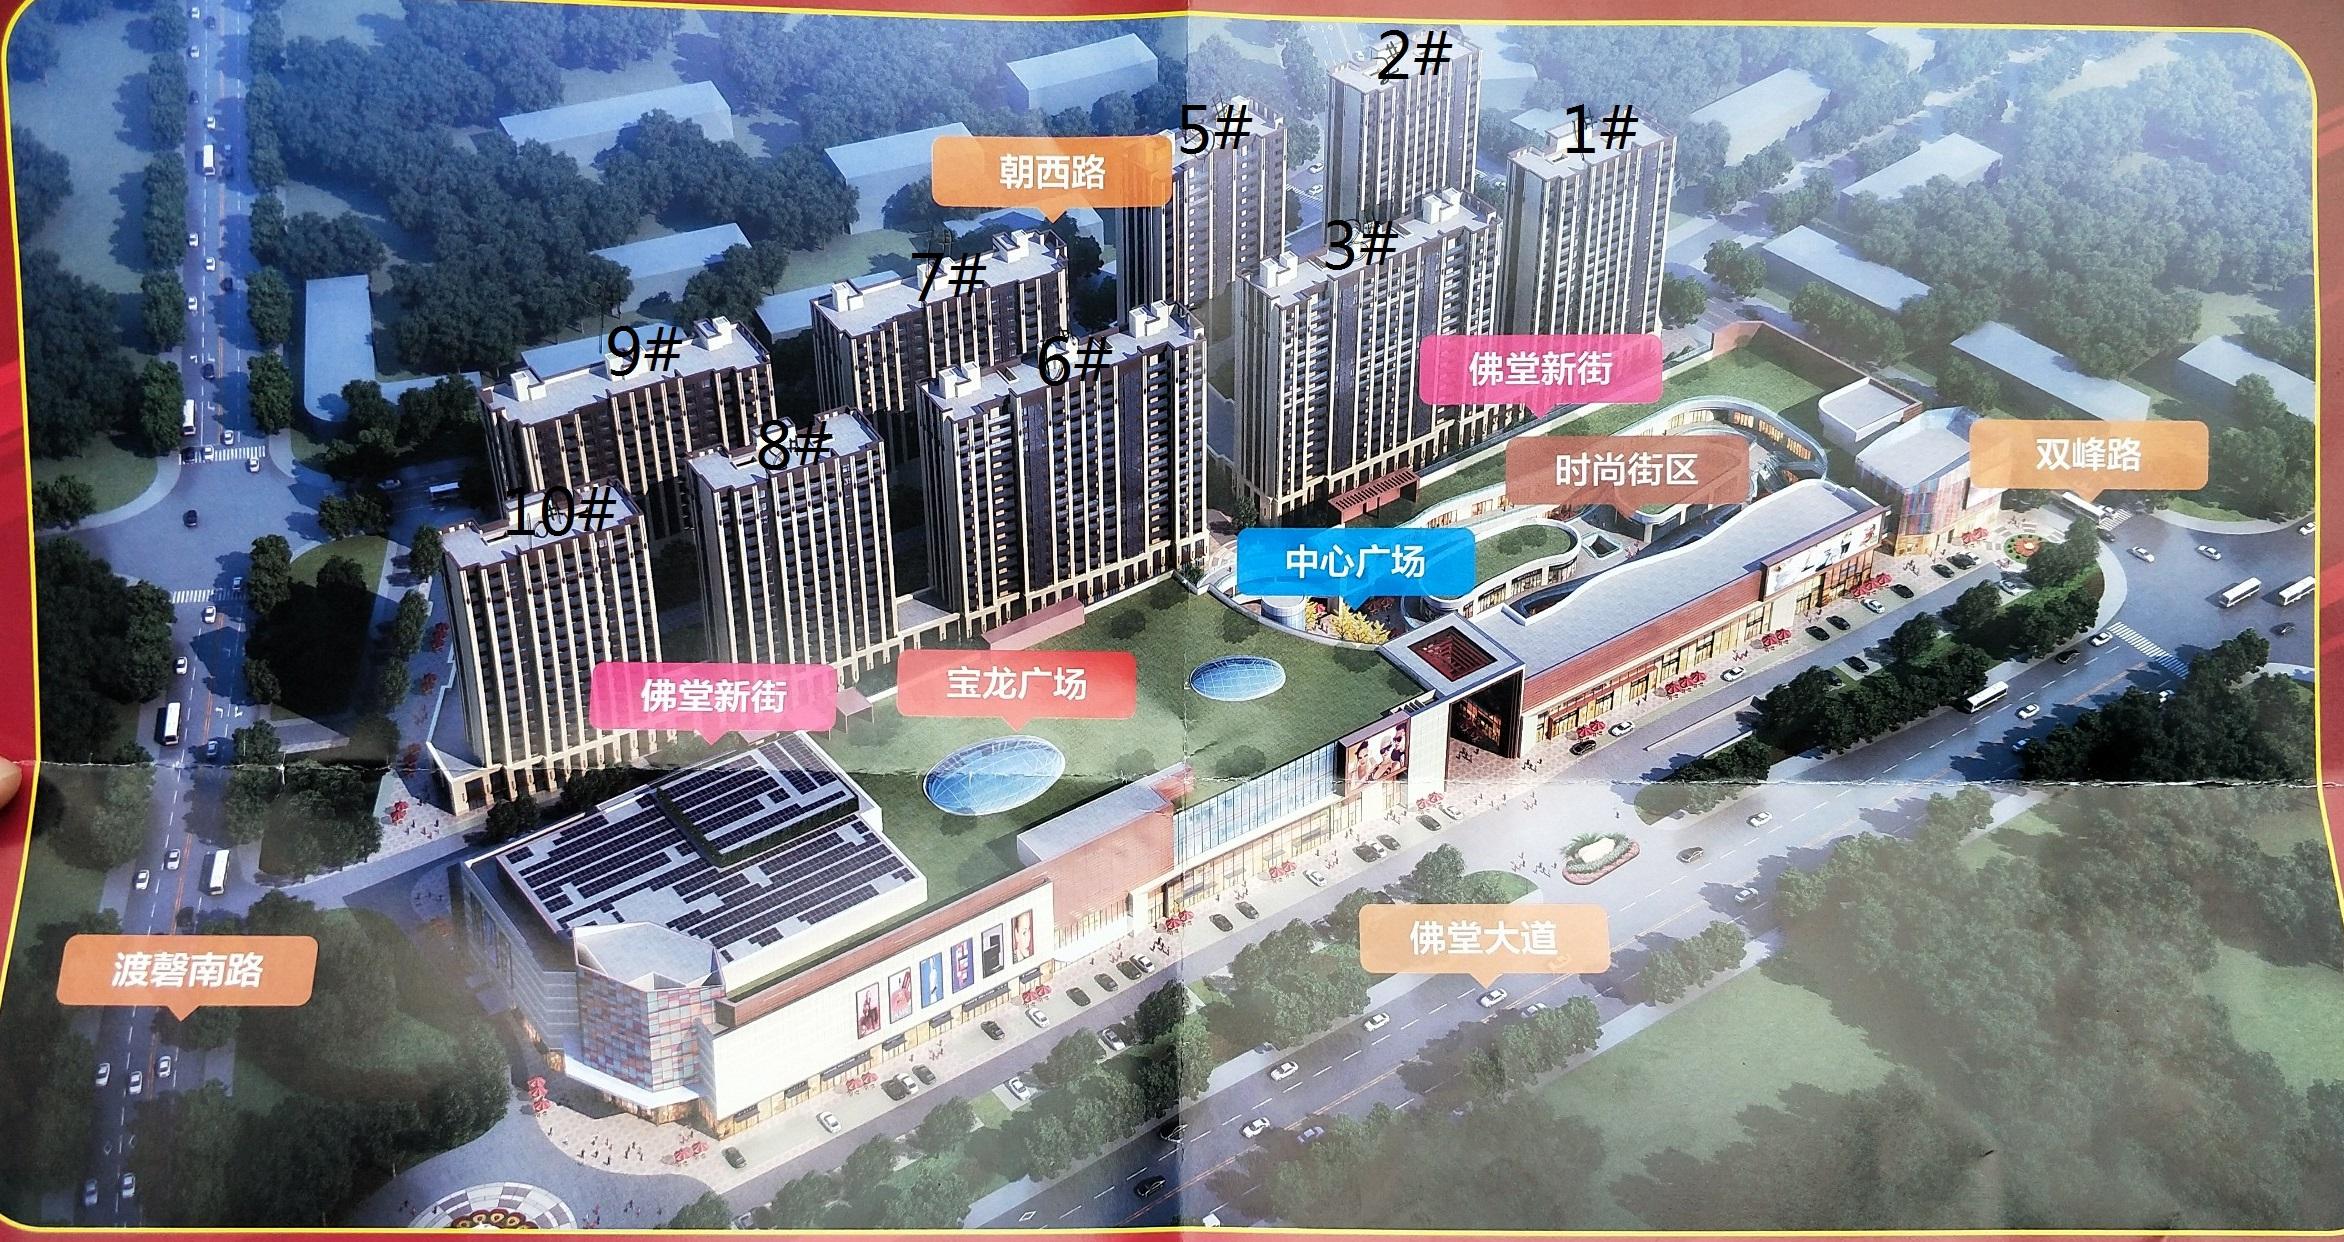 【宝龙广场】佛堂宝龙城市广场90平两居室纯毛坯 黄金位置